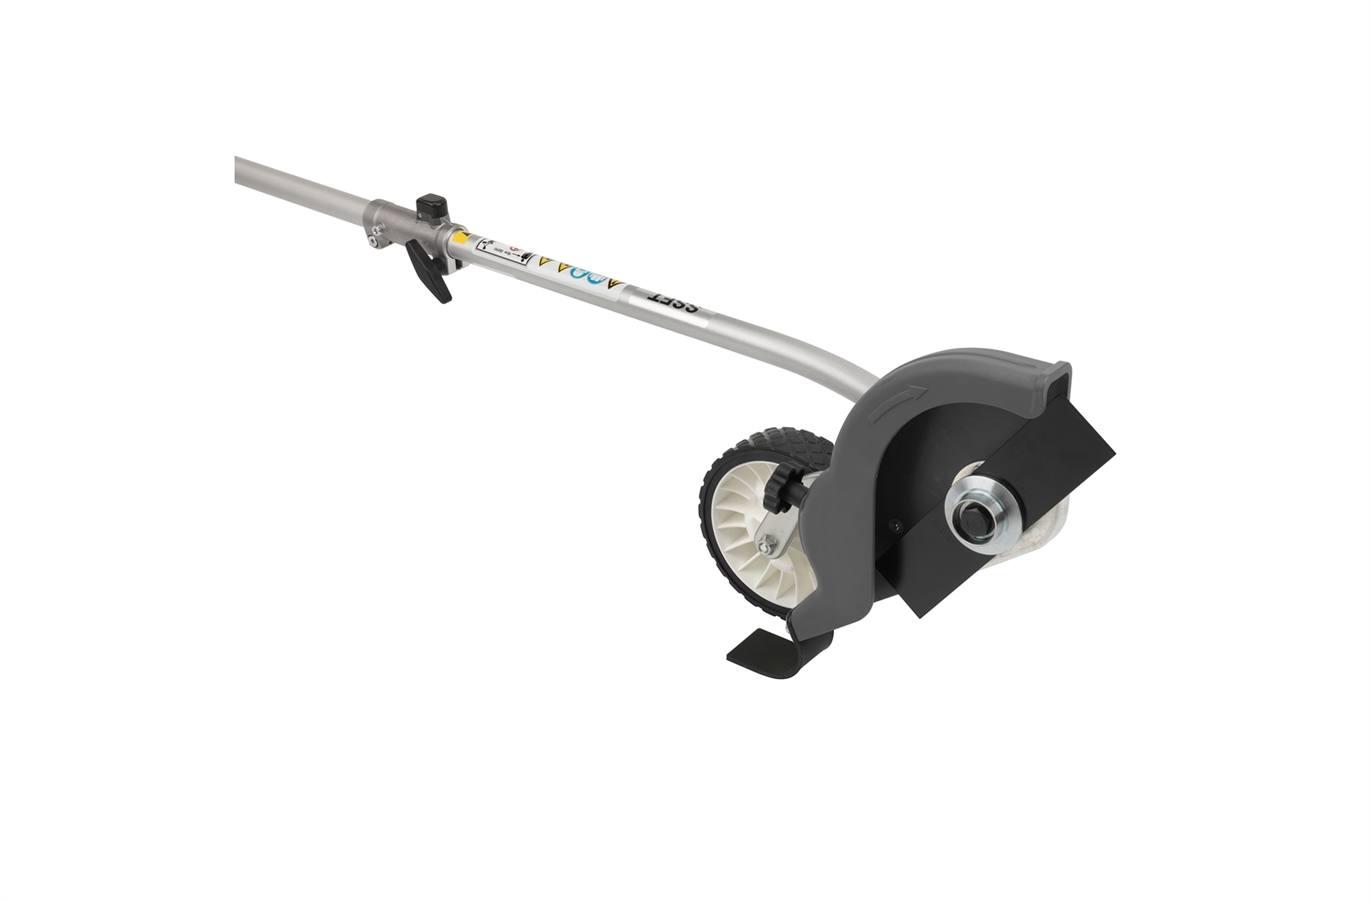 Honda Power Equipment SSET Edger Attachment